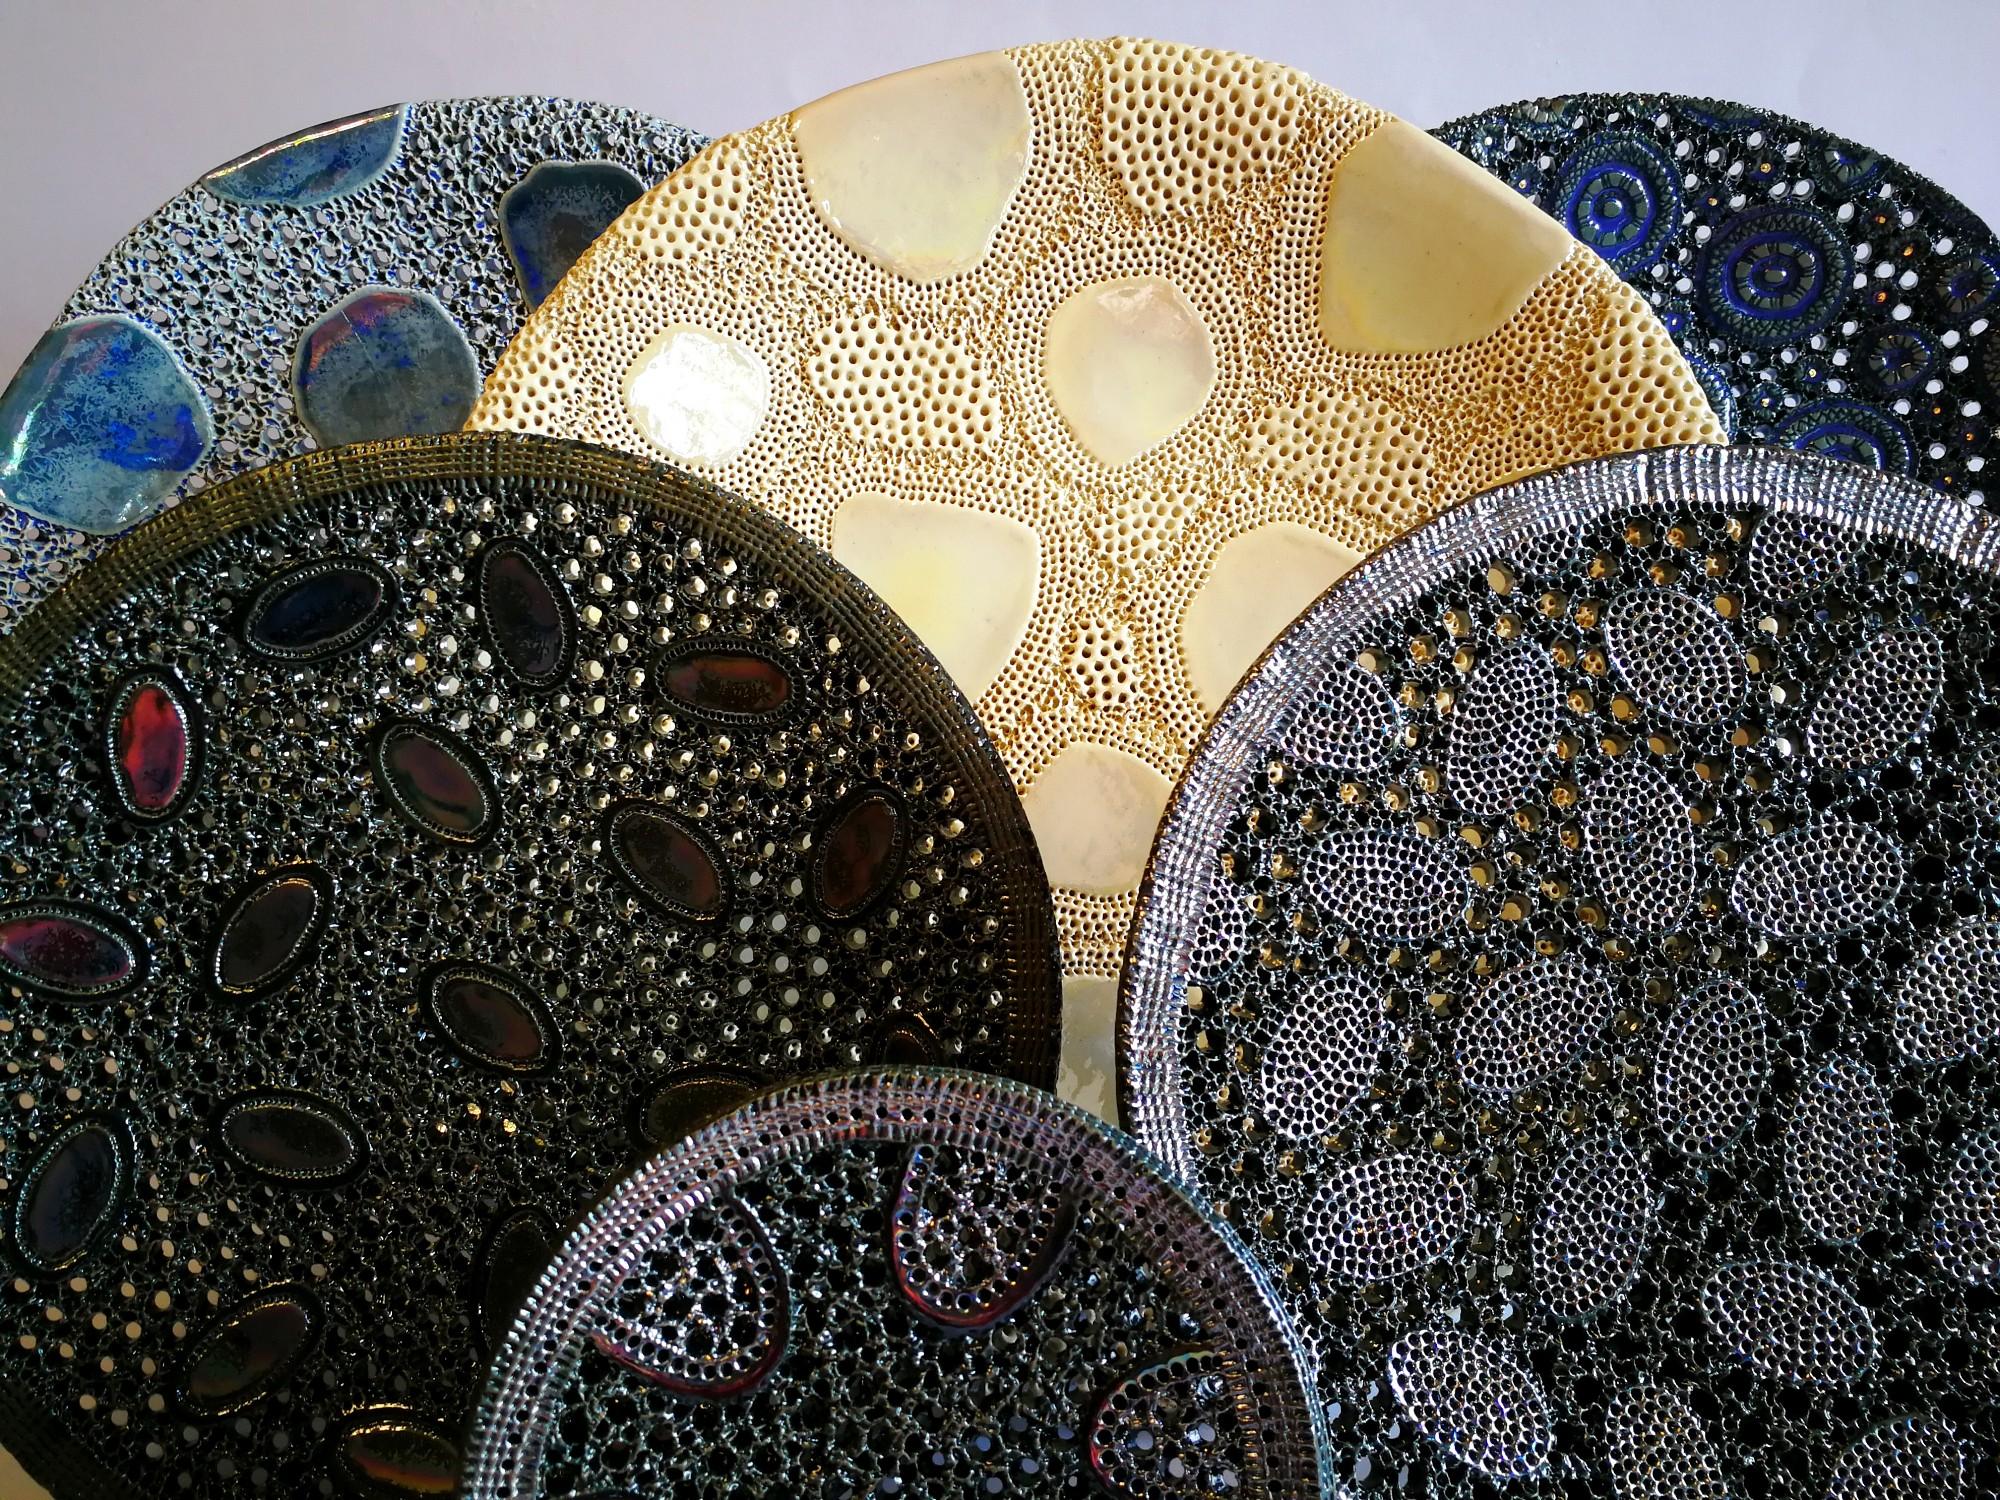 Liepājas muzejā atklās Daces Grīnbergas keramikas izstādi